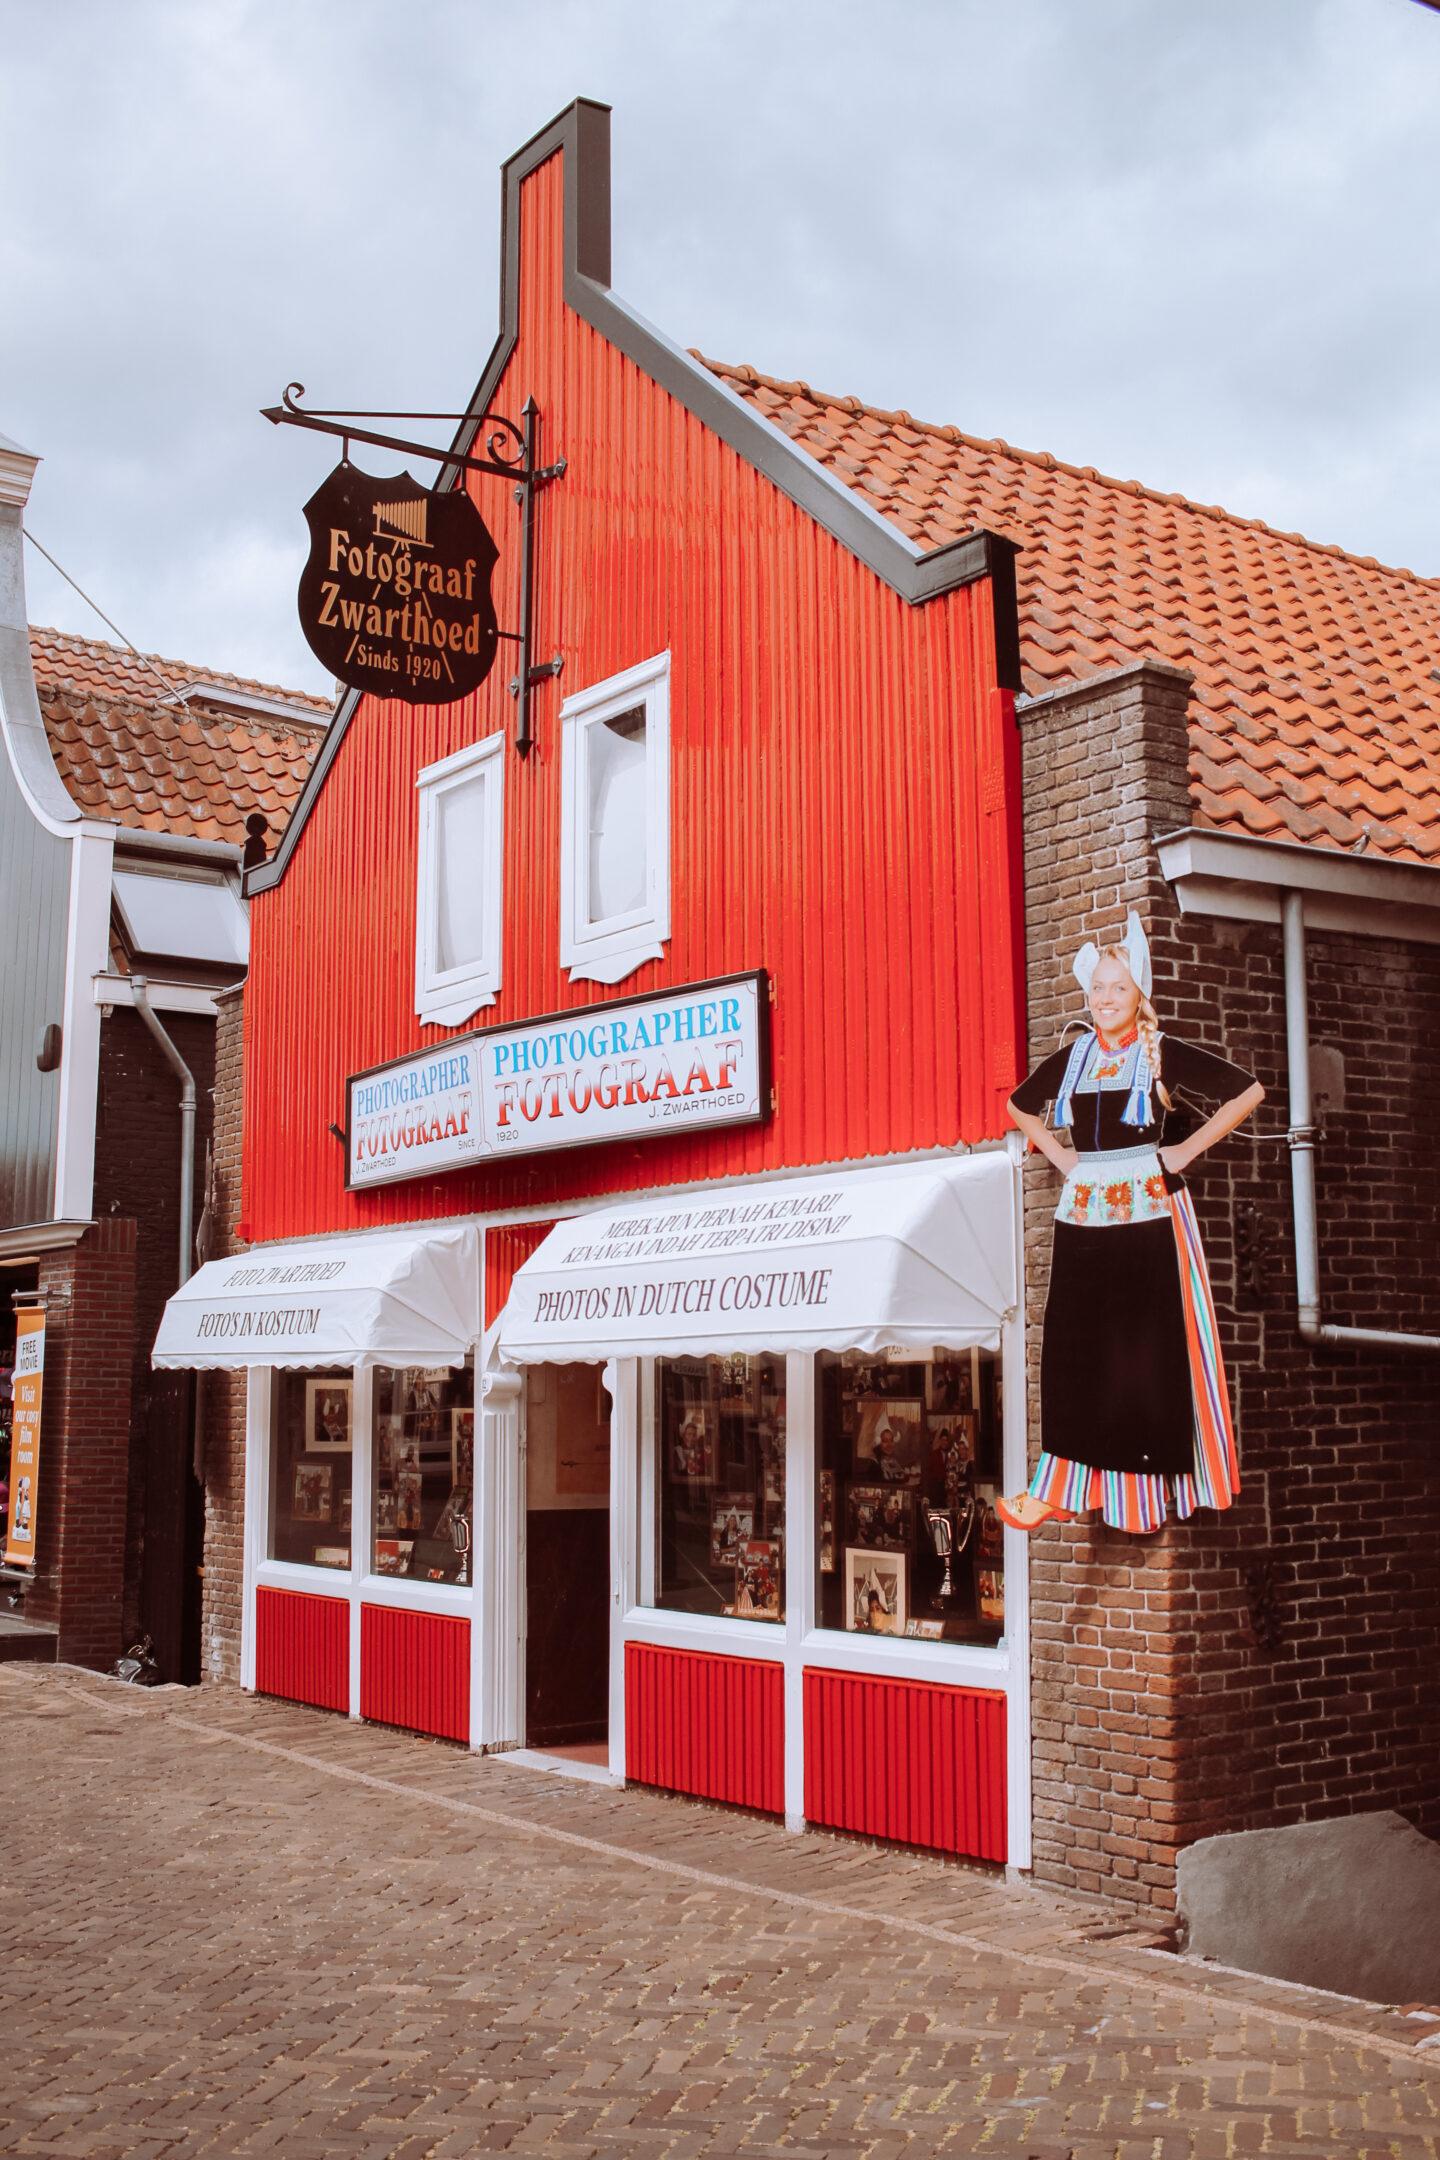 Op de foto in klederdracht Volendam